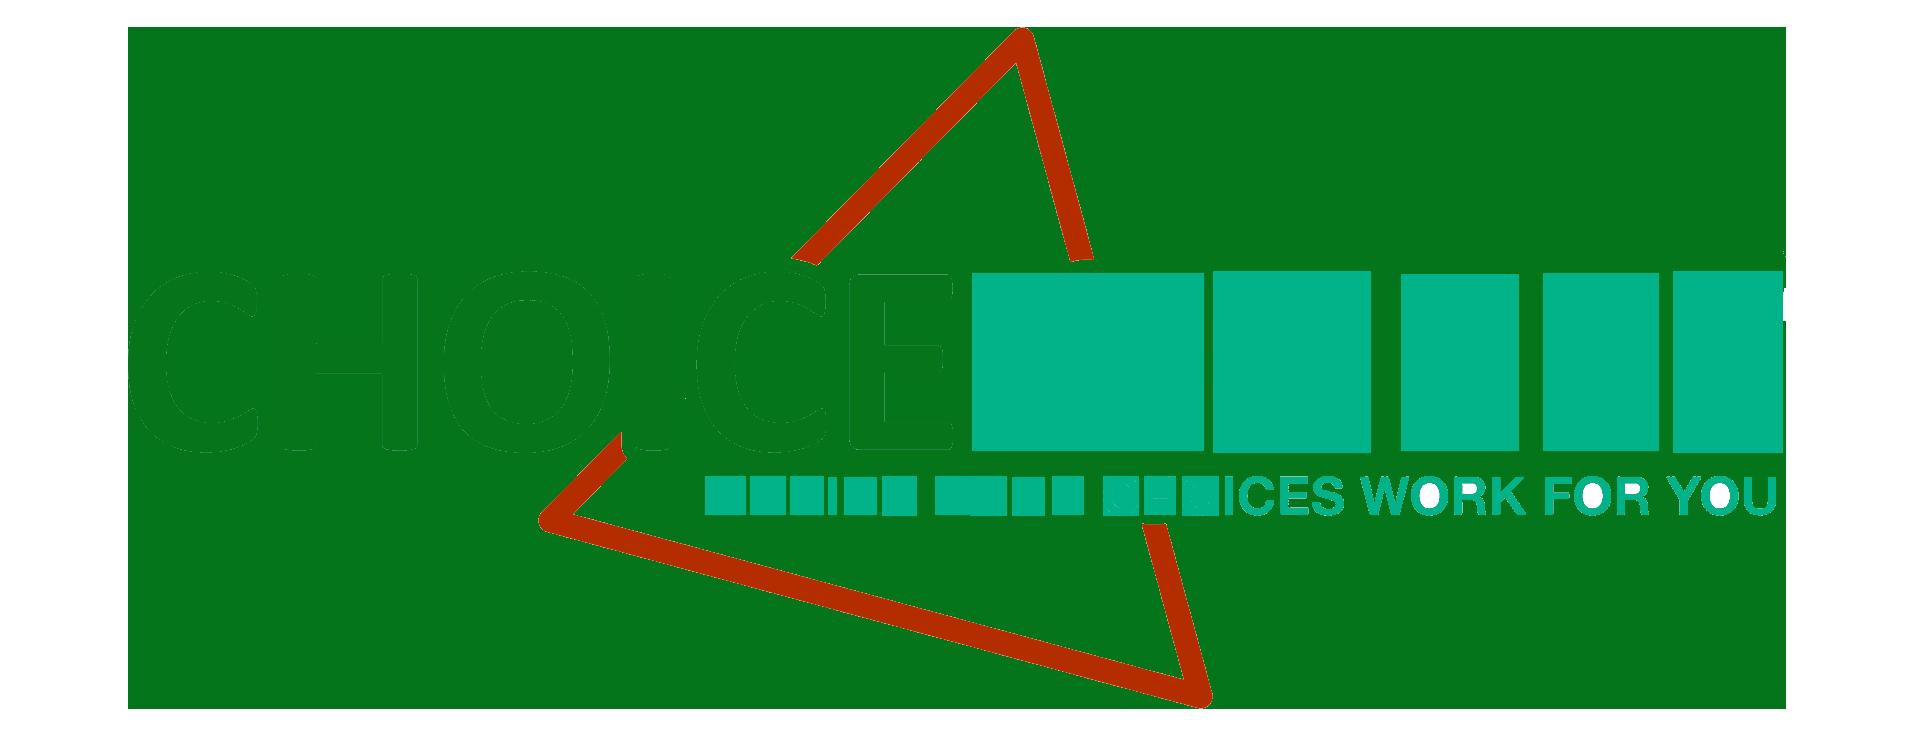 Choiceworks